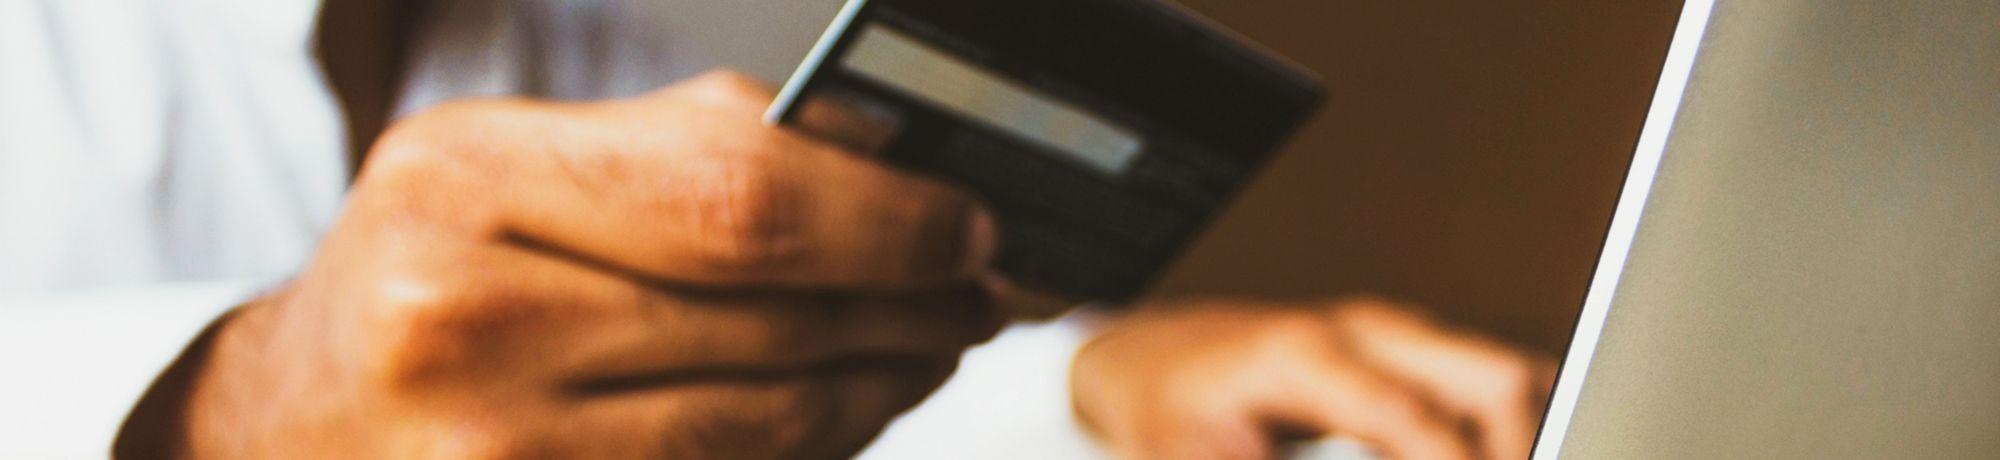 Webshop en online betalen